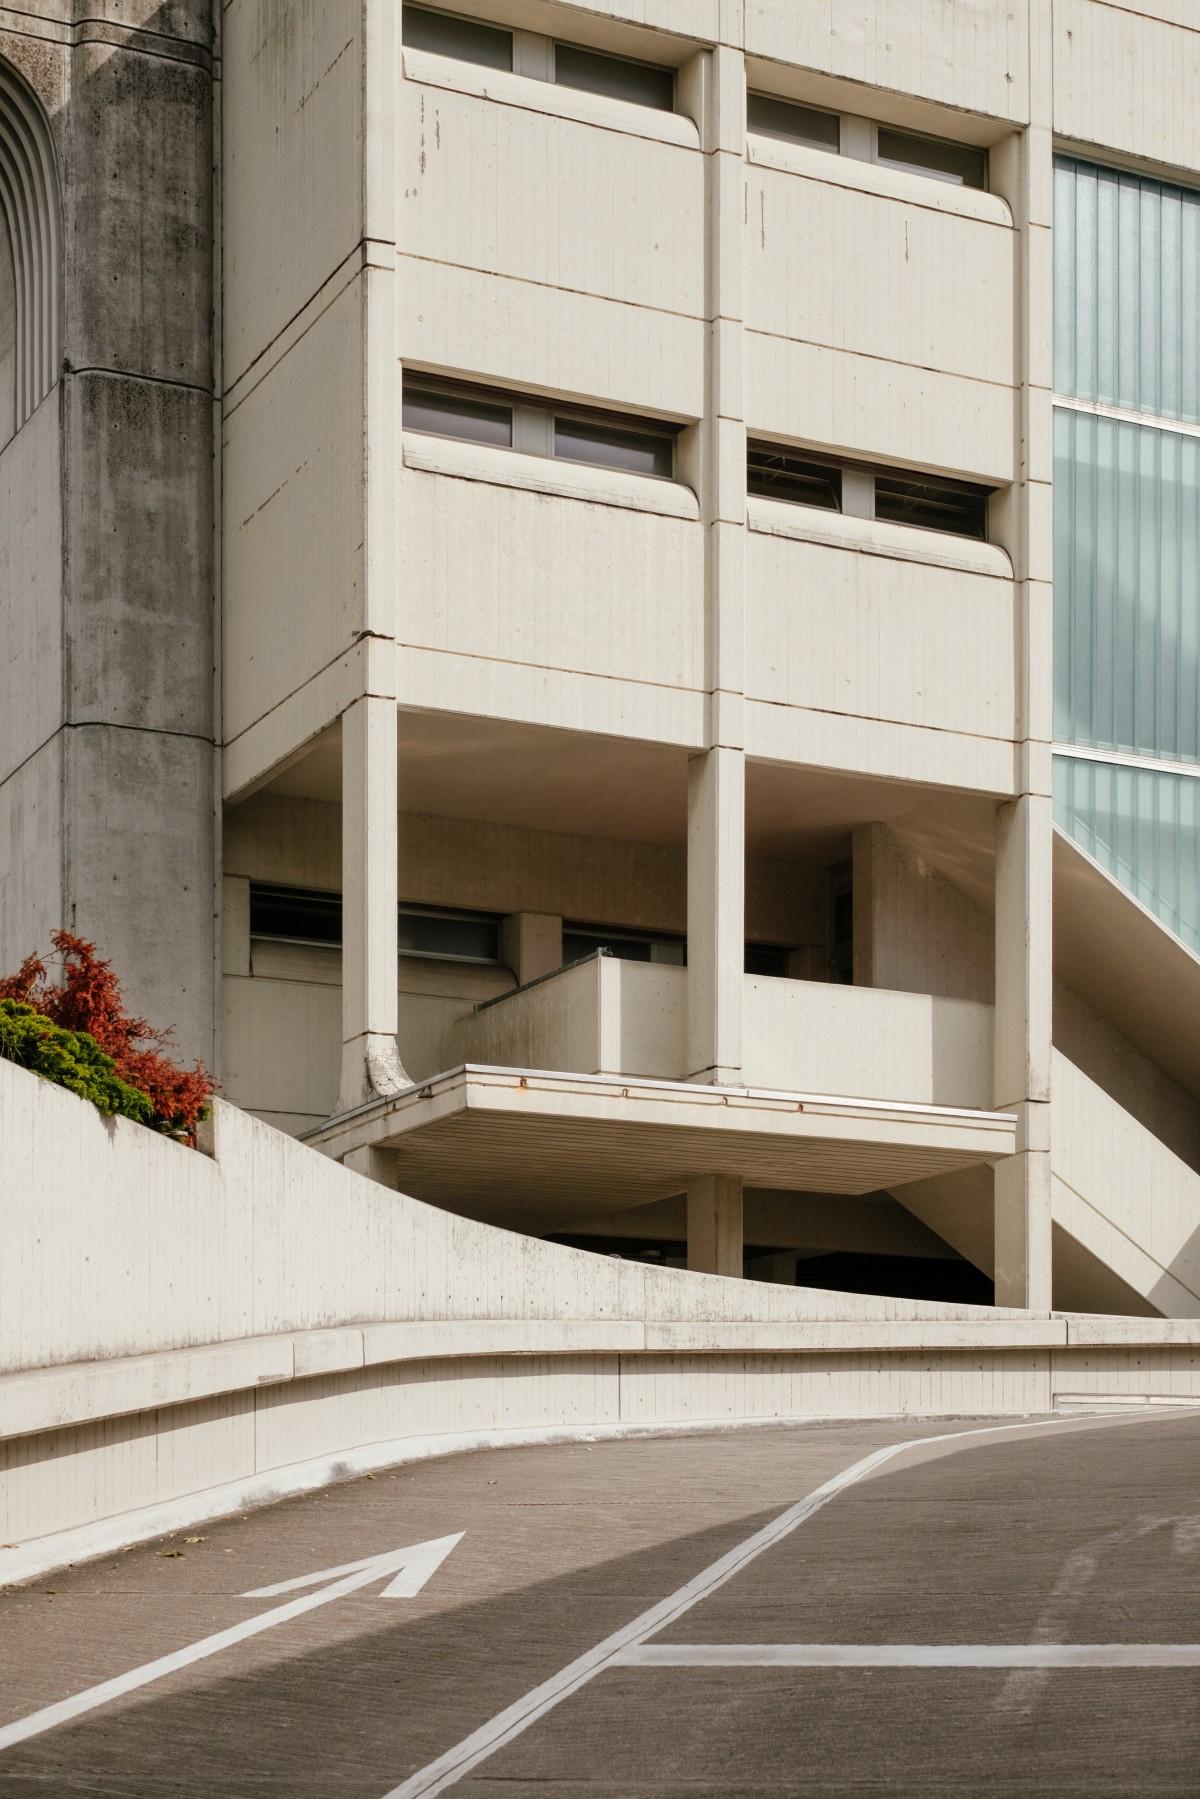 Gratis afbeeldingen architectuur structuur hout trap venster dak gebouw wolkenkrabber - Interieur ontwerp trap ...